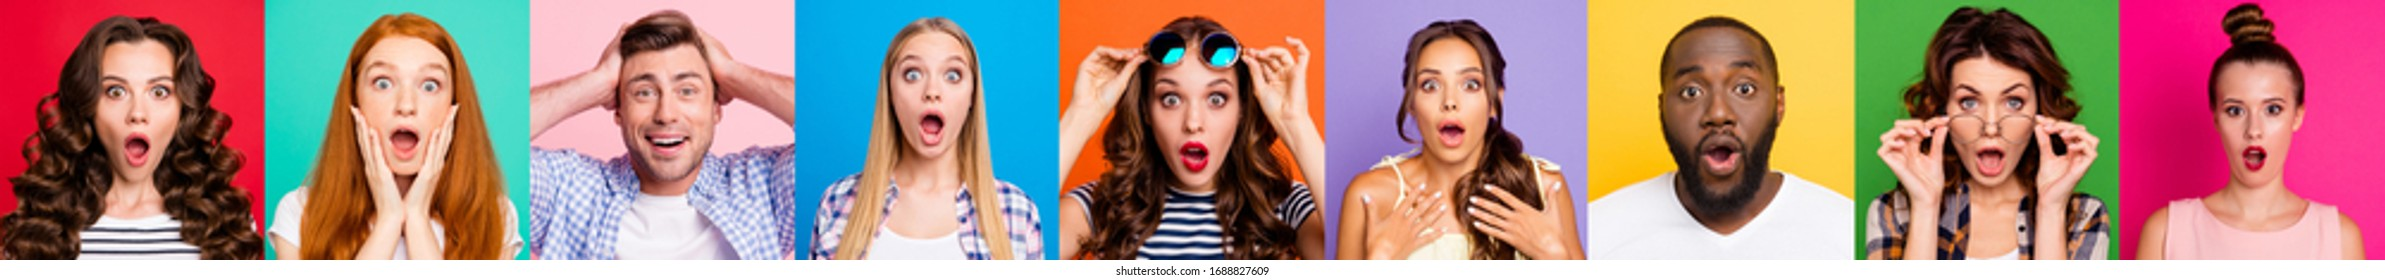 Fotocollage von neun Personen unterschiedlichen Alters und ethnischen Zugehörigkeit, die einen Schockausdruck auf Gesichter mit beigem Outfit einzeln auf mehrfarbigem Hintergrund hat